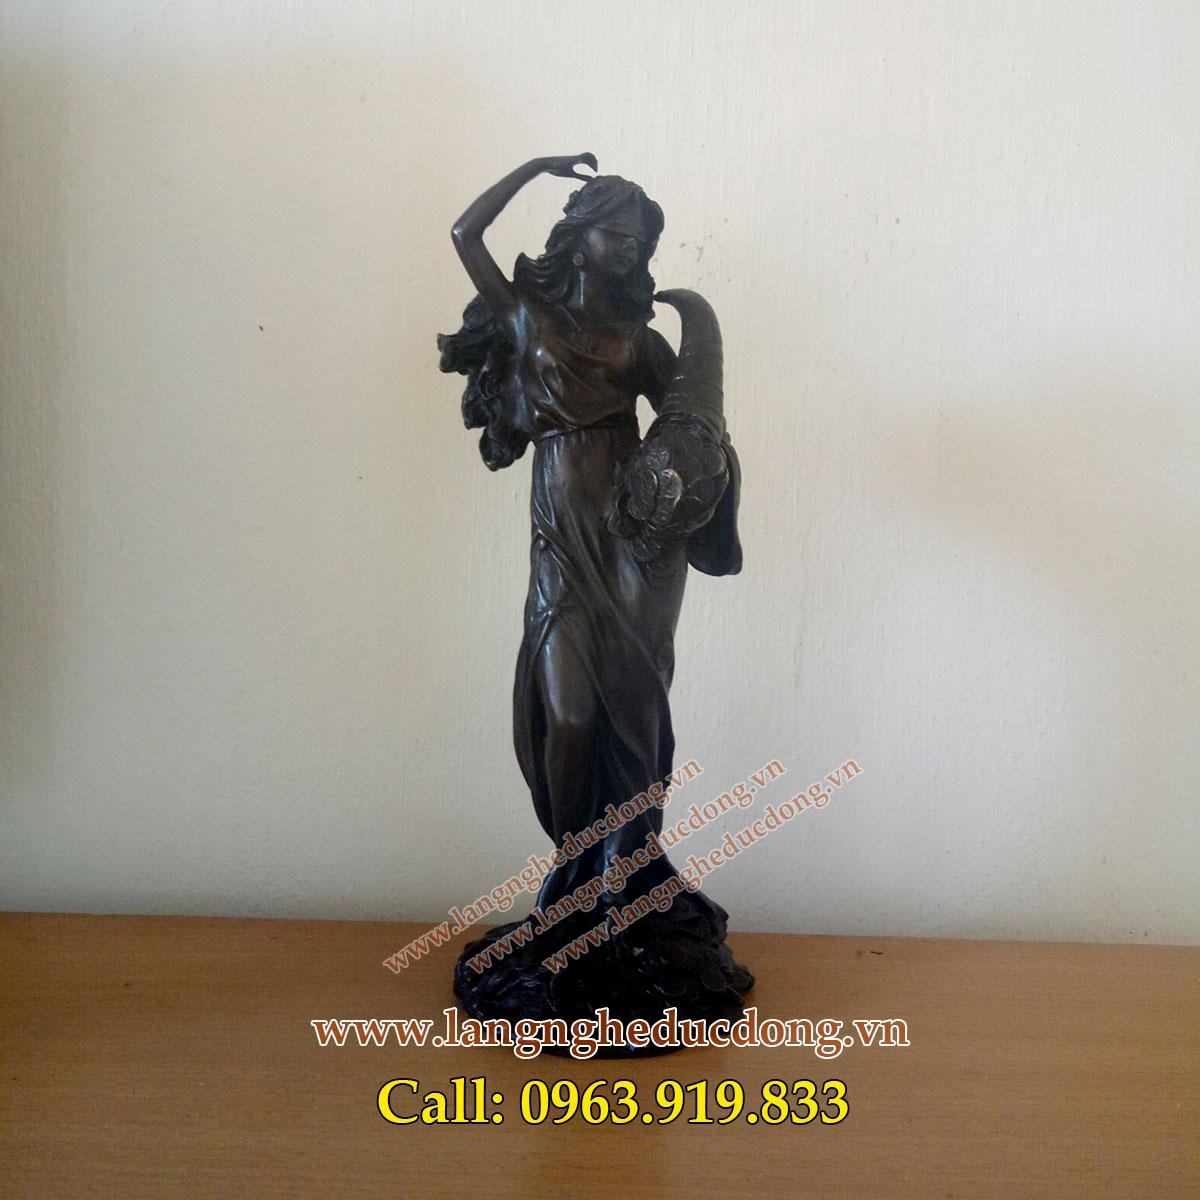 langngheducdong.vn - tượng trang trí, tượng giả cổ, tượng đồng, mẫu tượng trang trí tủ kệ